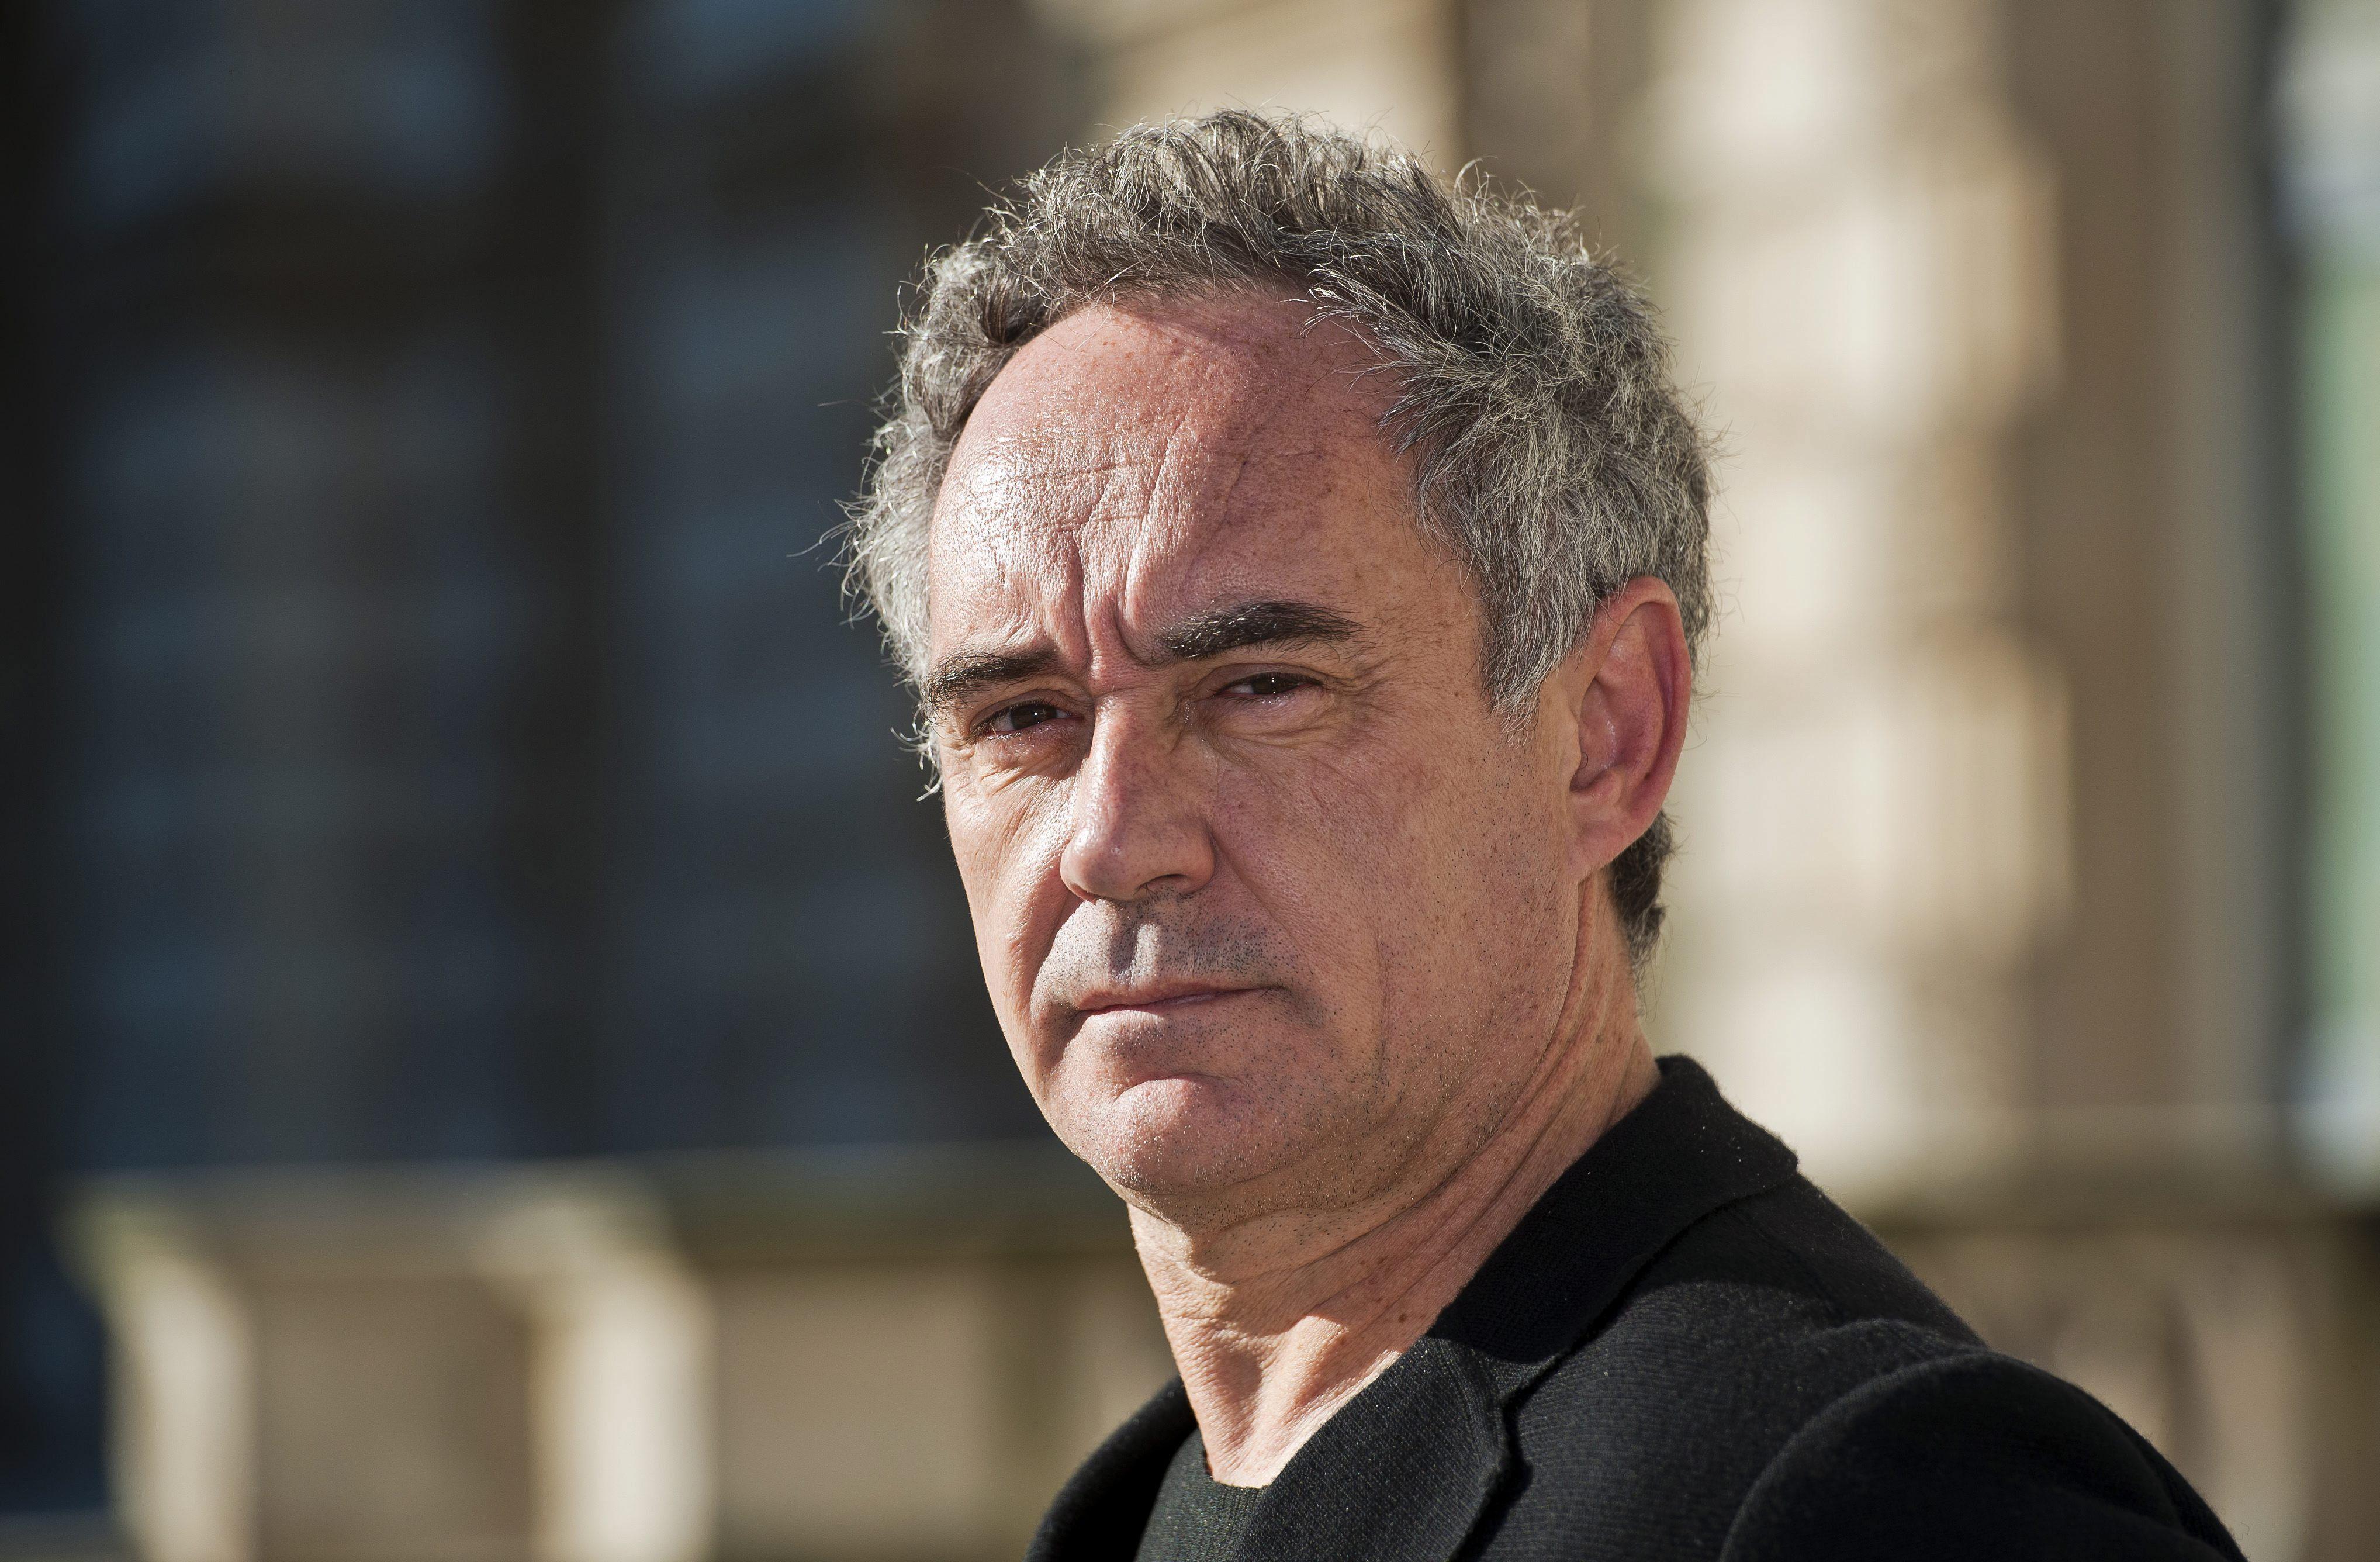 El Bulli de Ferran Adrià abre sus puertas en Londres con una exposición única